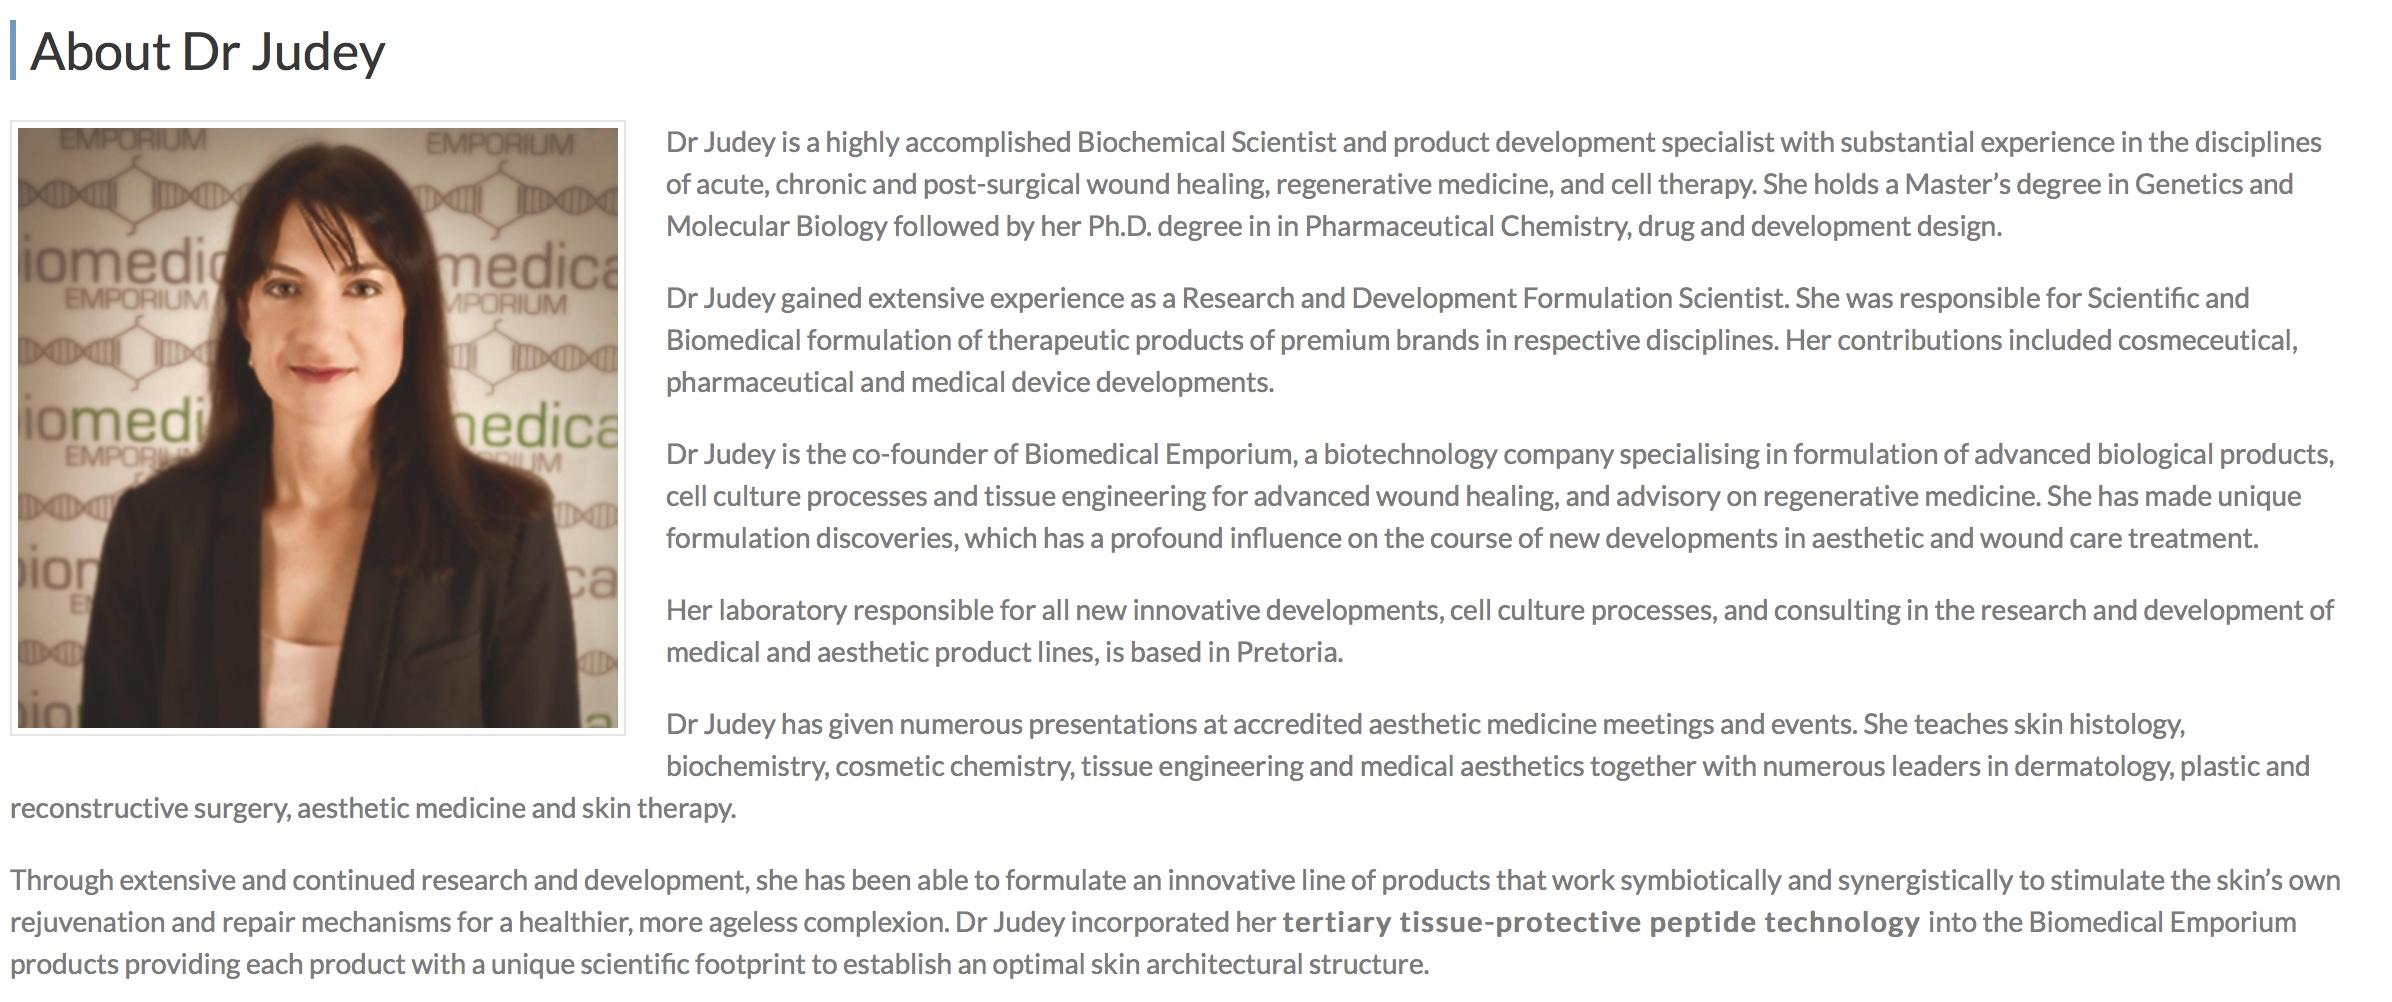 Biomedical Dr Judey